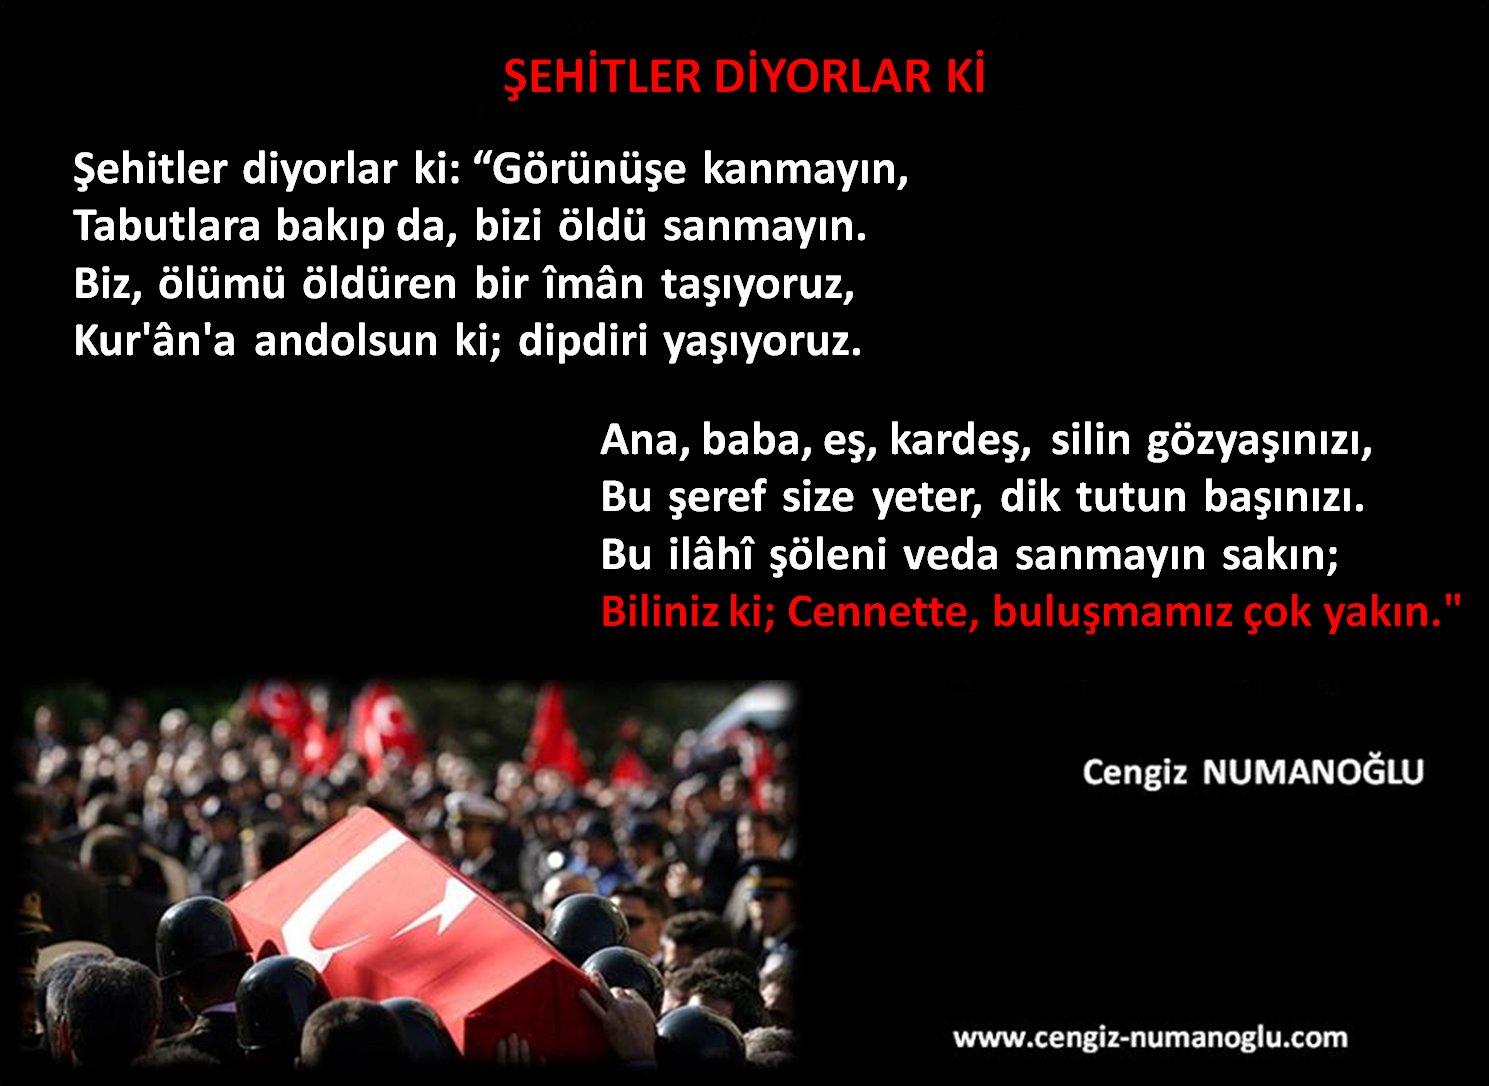 Cengiz Numanoğlu On Twitter şehitlerölmezbubayrakinmez şehitlik